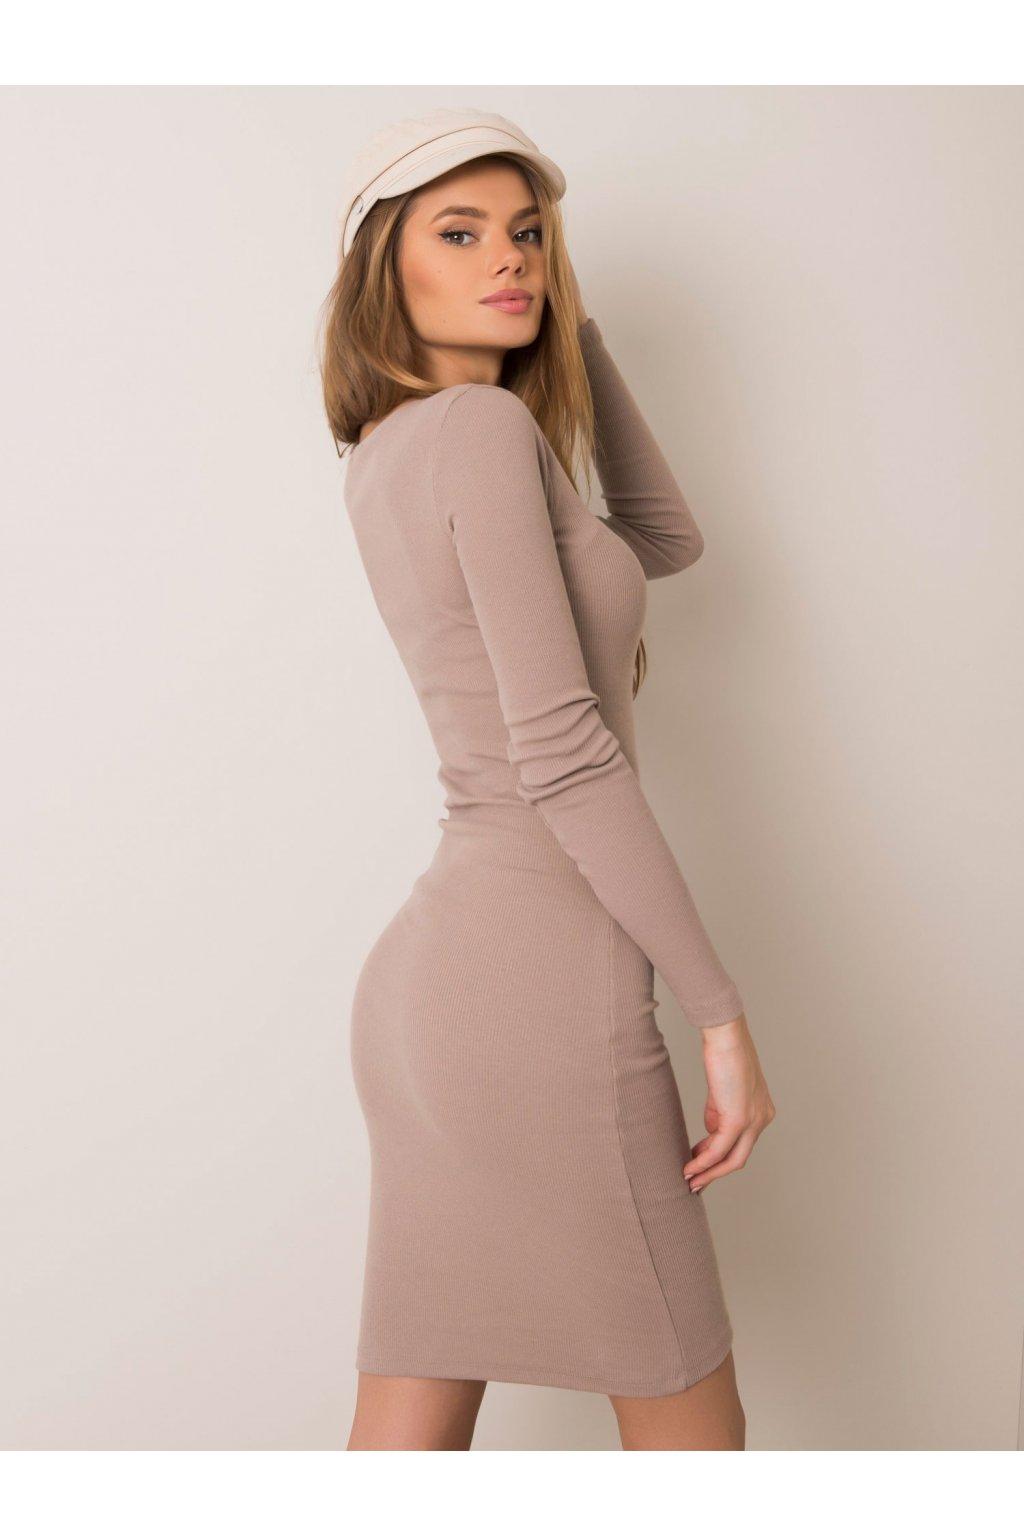 pol pl Ciemnobezowa sukienka Mercy RUE PARIS 354806 1